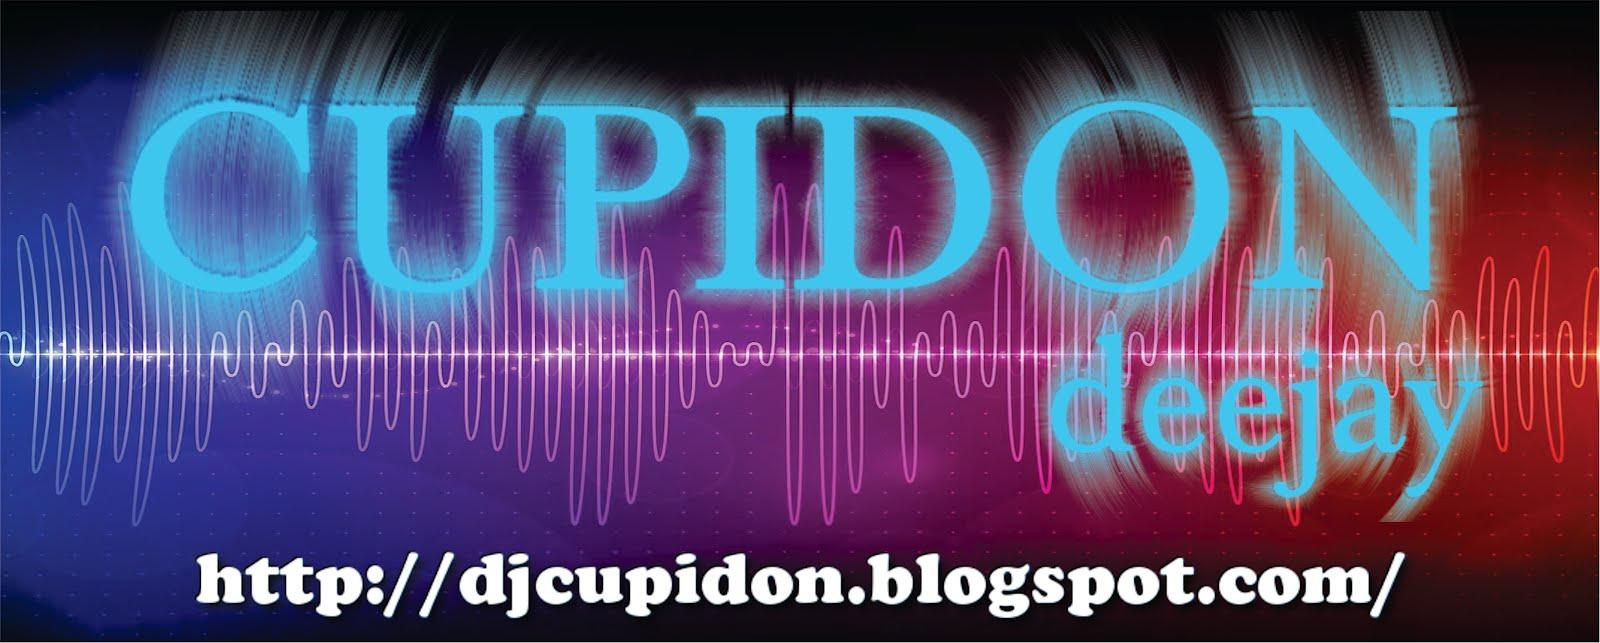 --==Dj Cupidon==--